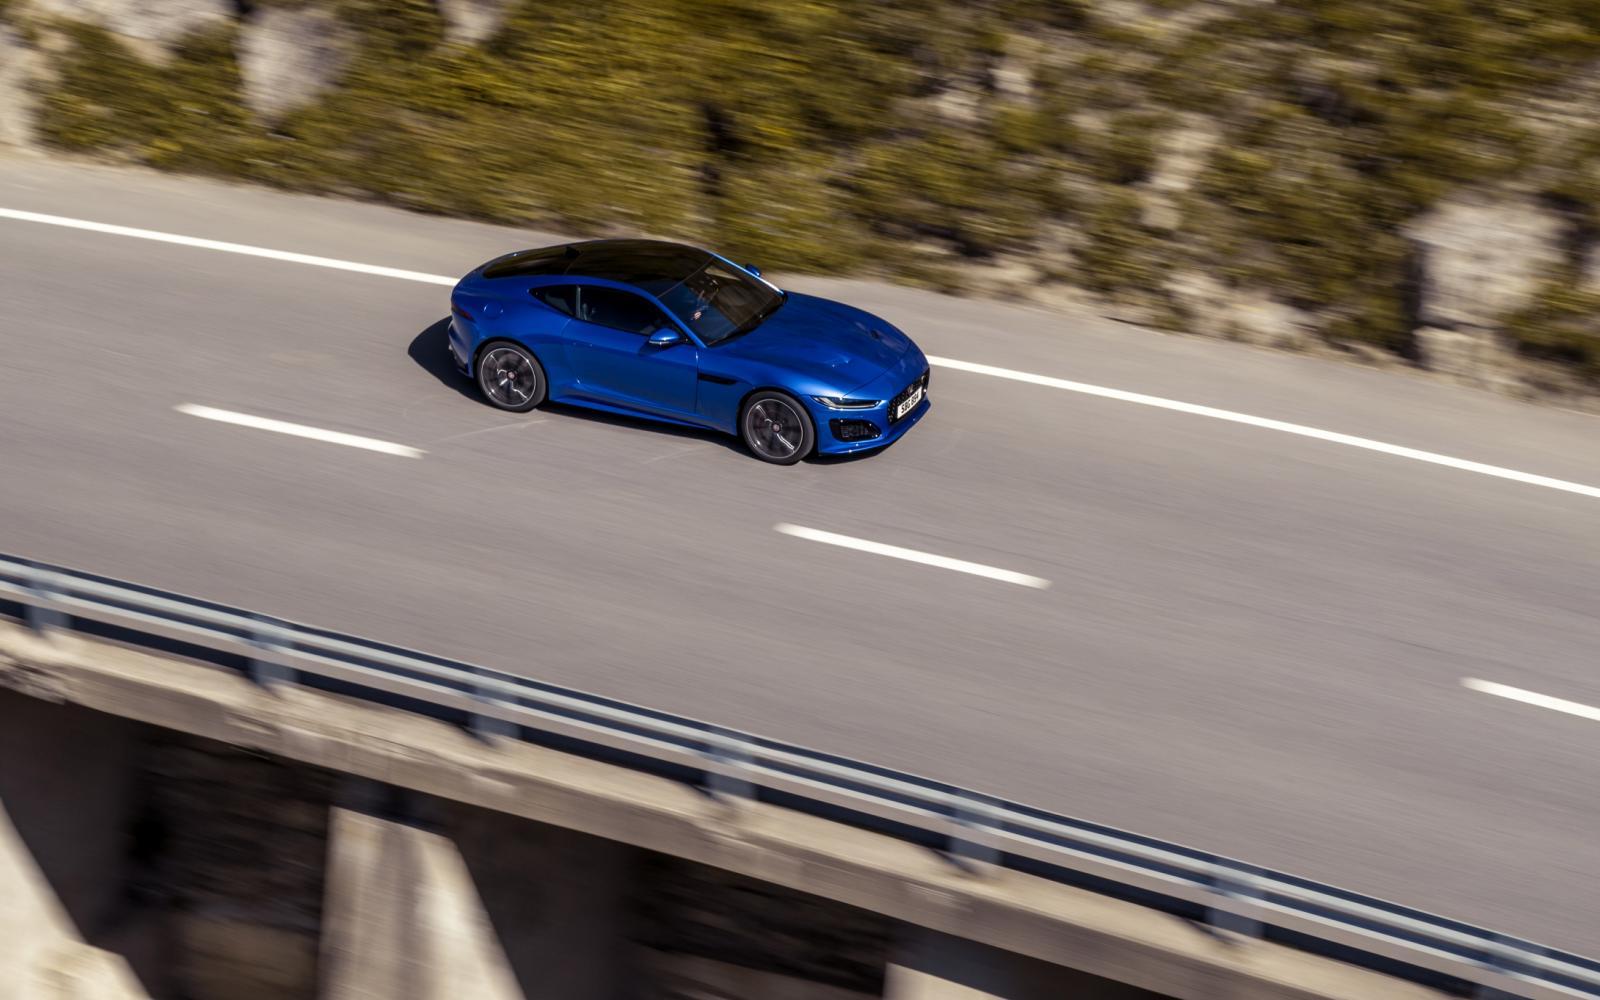 De vernieuwde Jaguar F-Type kijkt boos